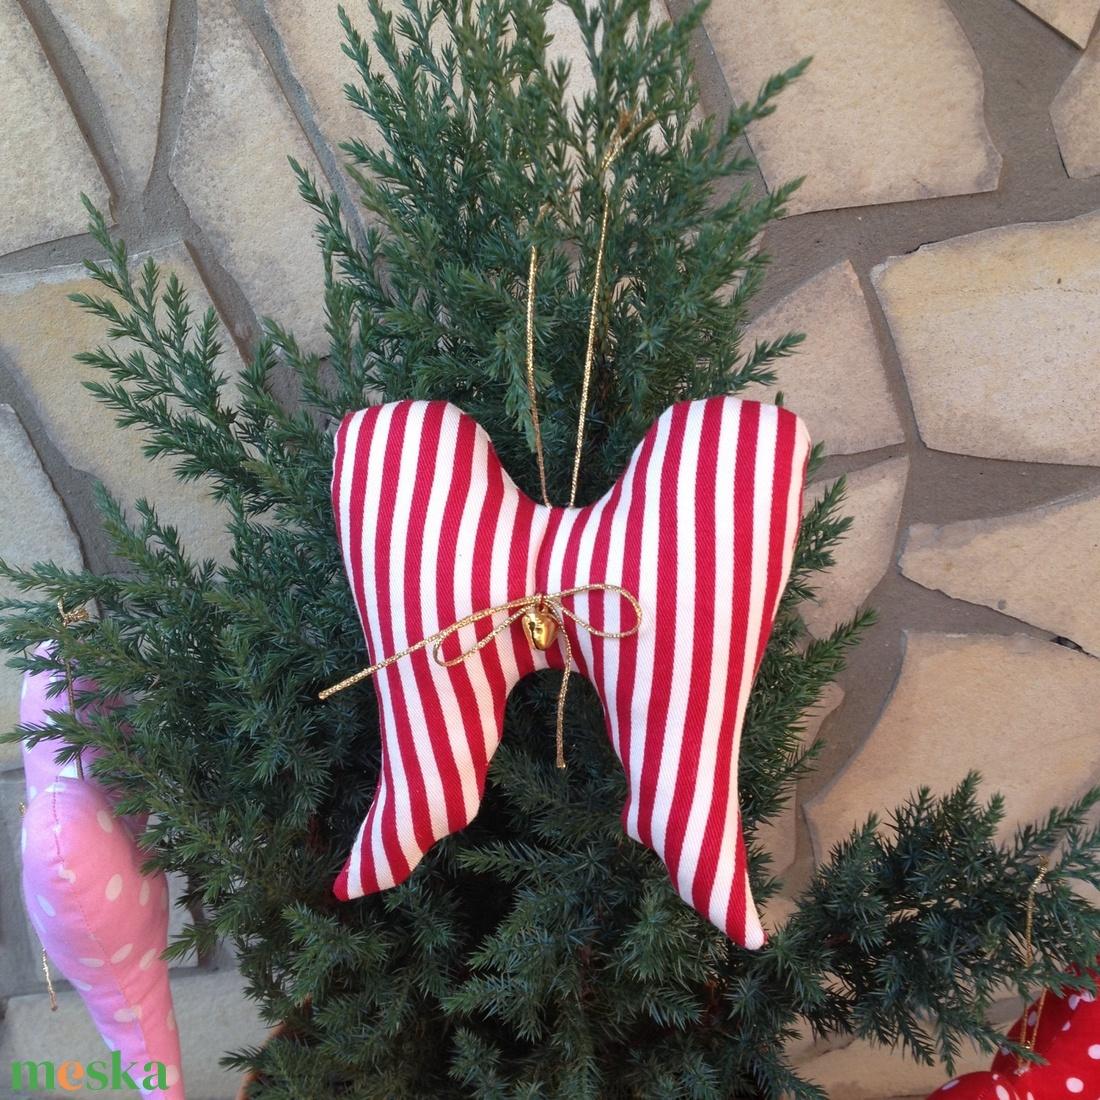 Karácsony júliusban- Angyal szárnyak - karácsonyi dekoráció /3 db egyben 2800,-Ft - karácsony - karácsonyi lakásdekoráció - karácsonyfadíszek - Meska.hu